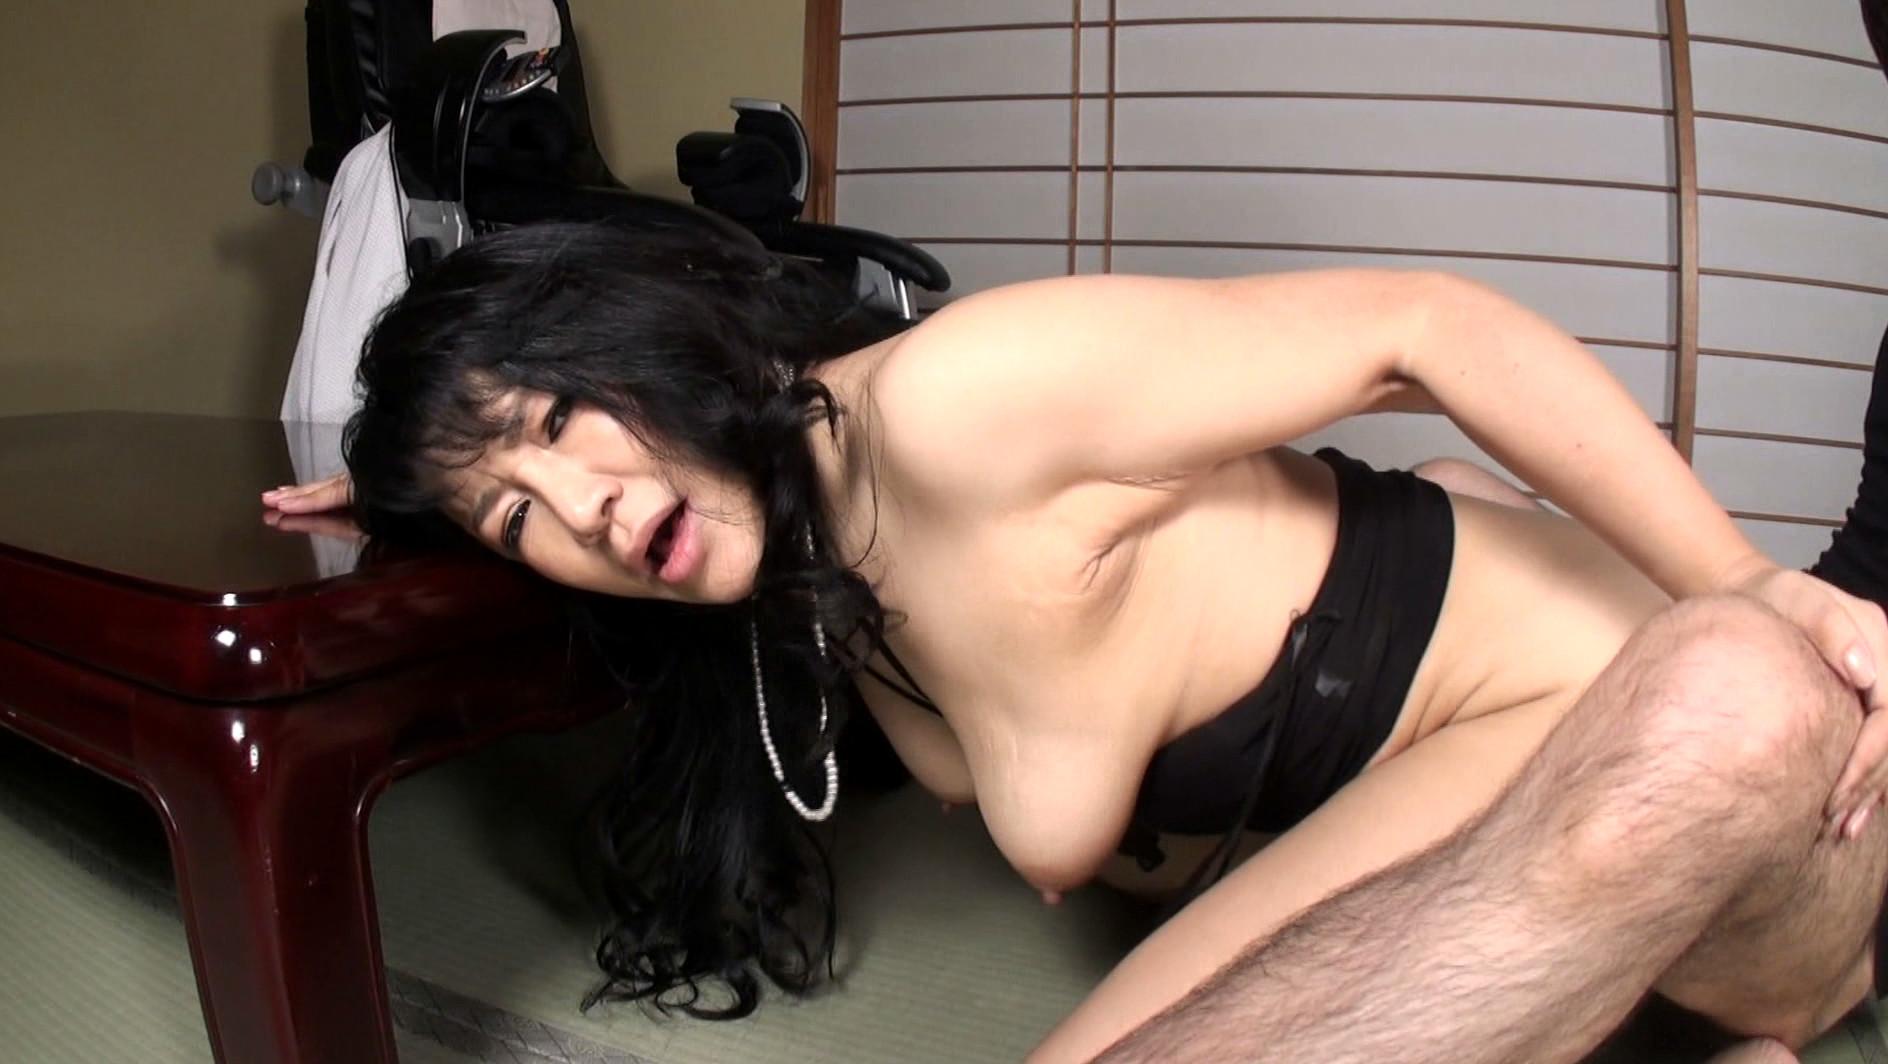 本物現役女社長 霧島ゆかり五十歳 首絞めでアクメに達する女 画像20